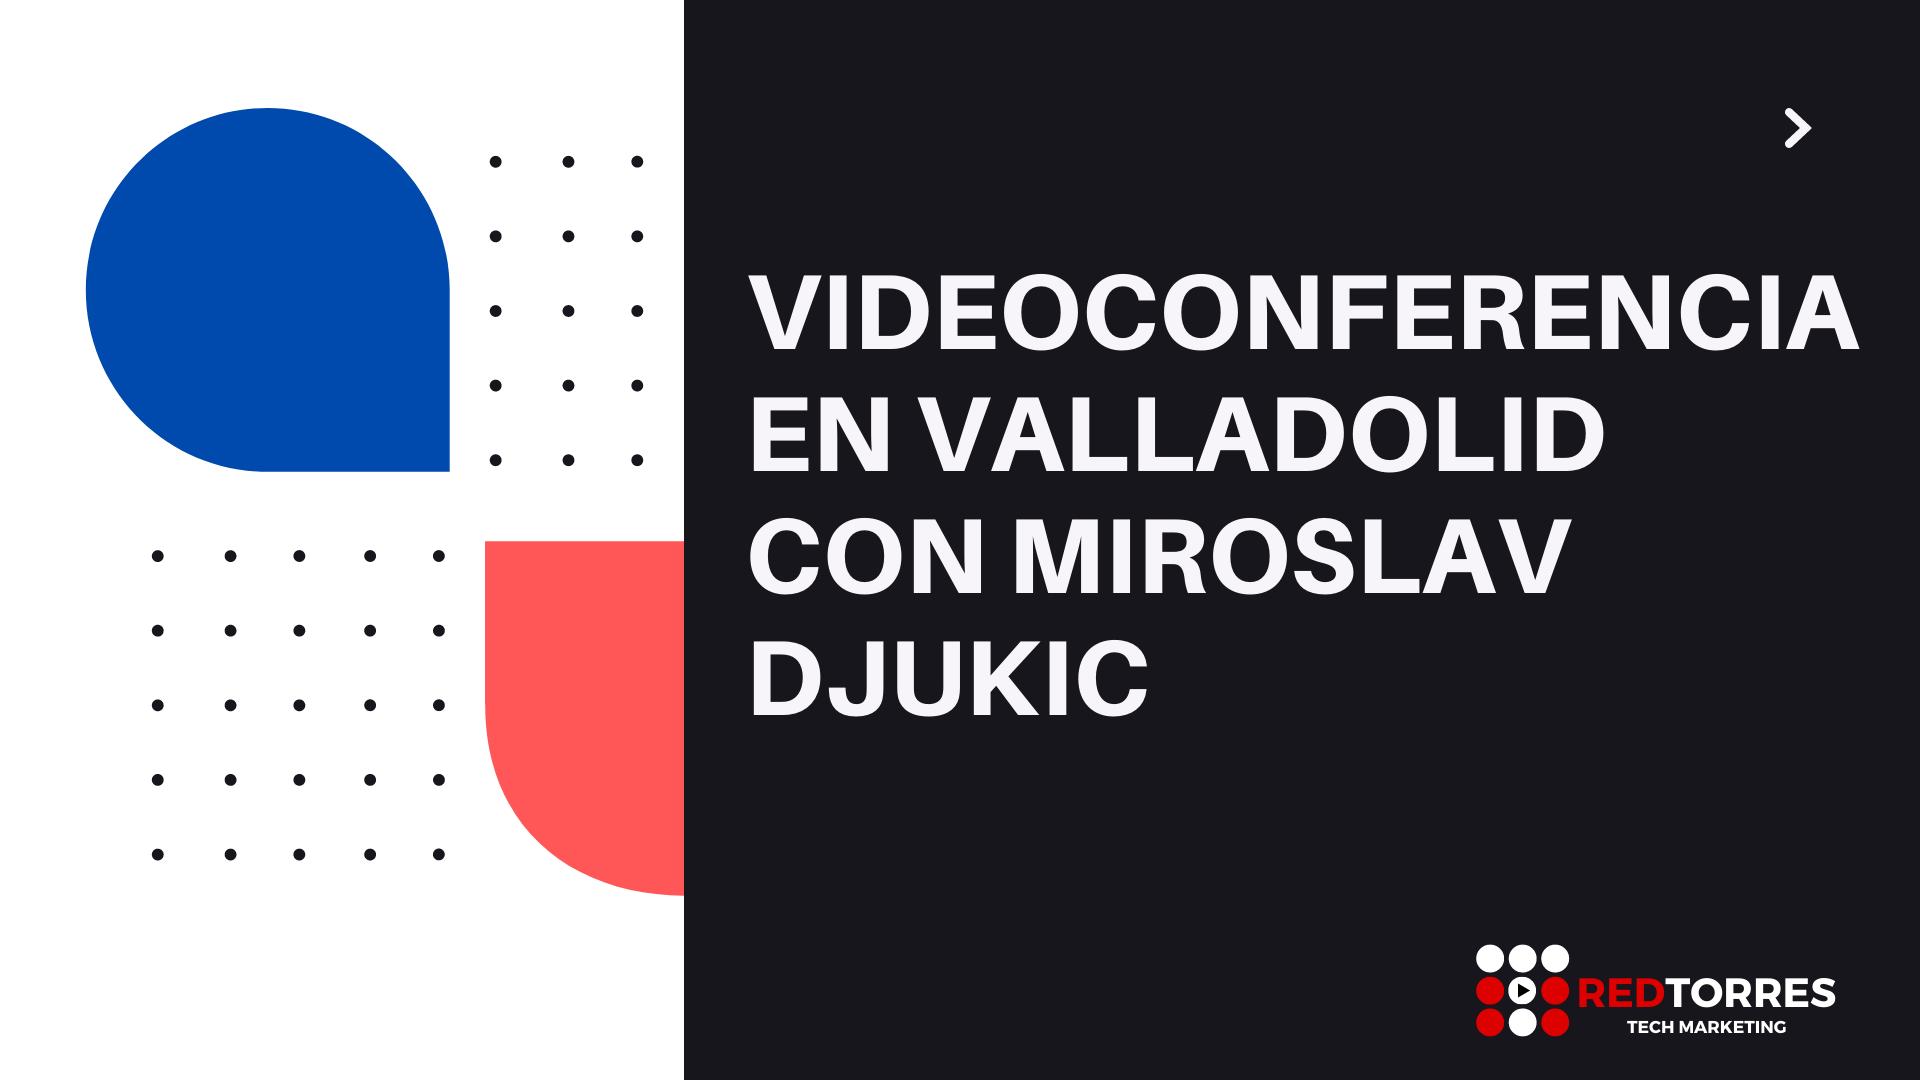 Videoconferencia en Valladolid con Miroslav Djukic | REDTORRES